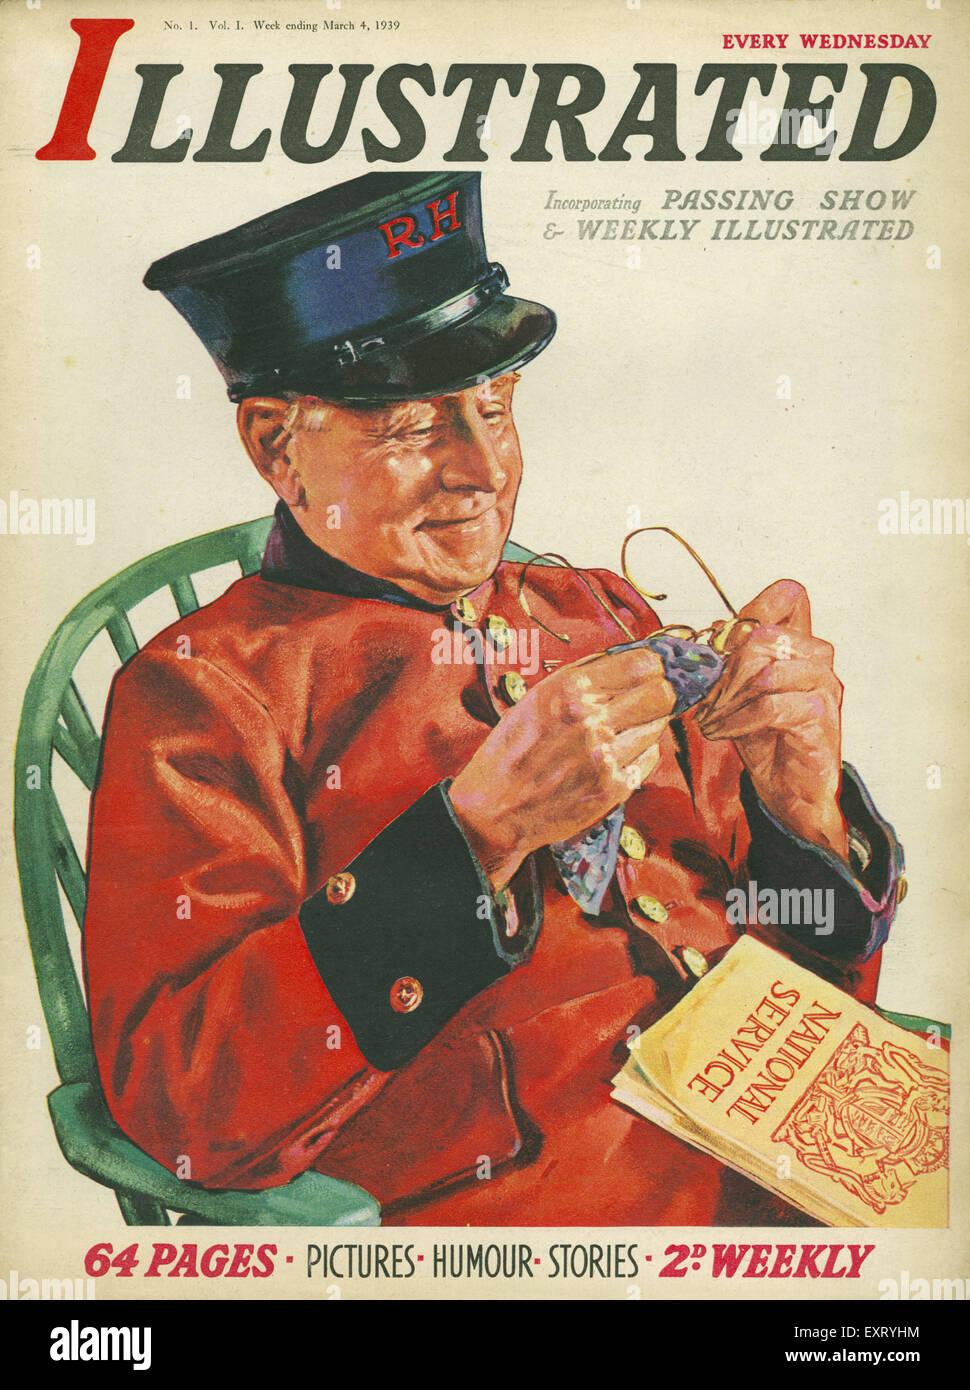 1930s UK Illustrated Magazine Cover - Stock Image